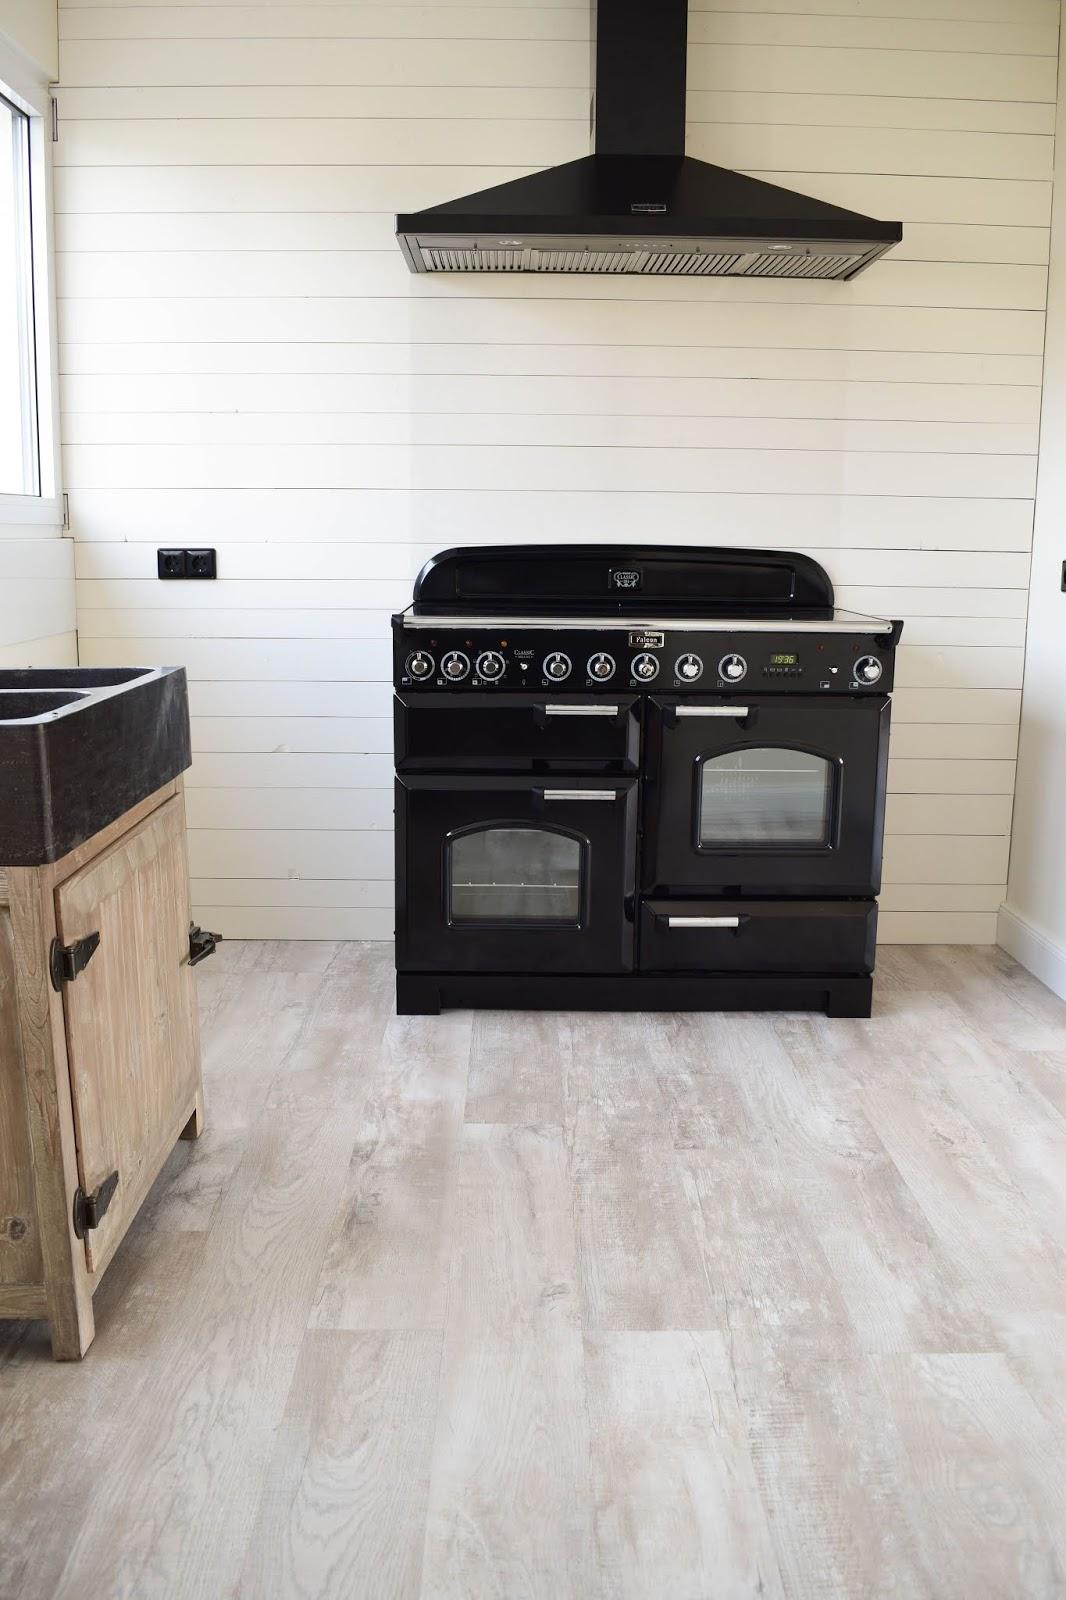 Landhaus Küche Interior Country Kitchen Rangecooker Falcon nostalgischer Herd Nostalgie